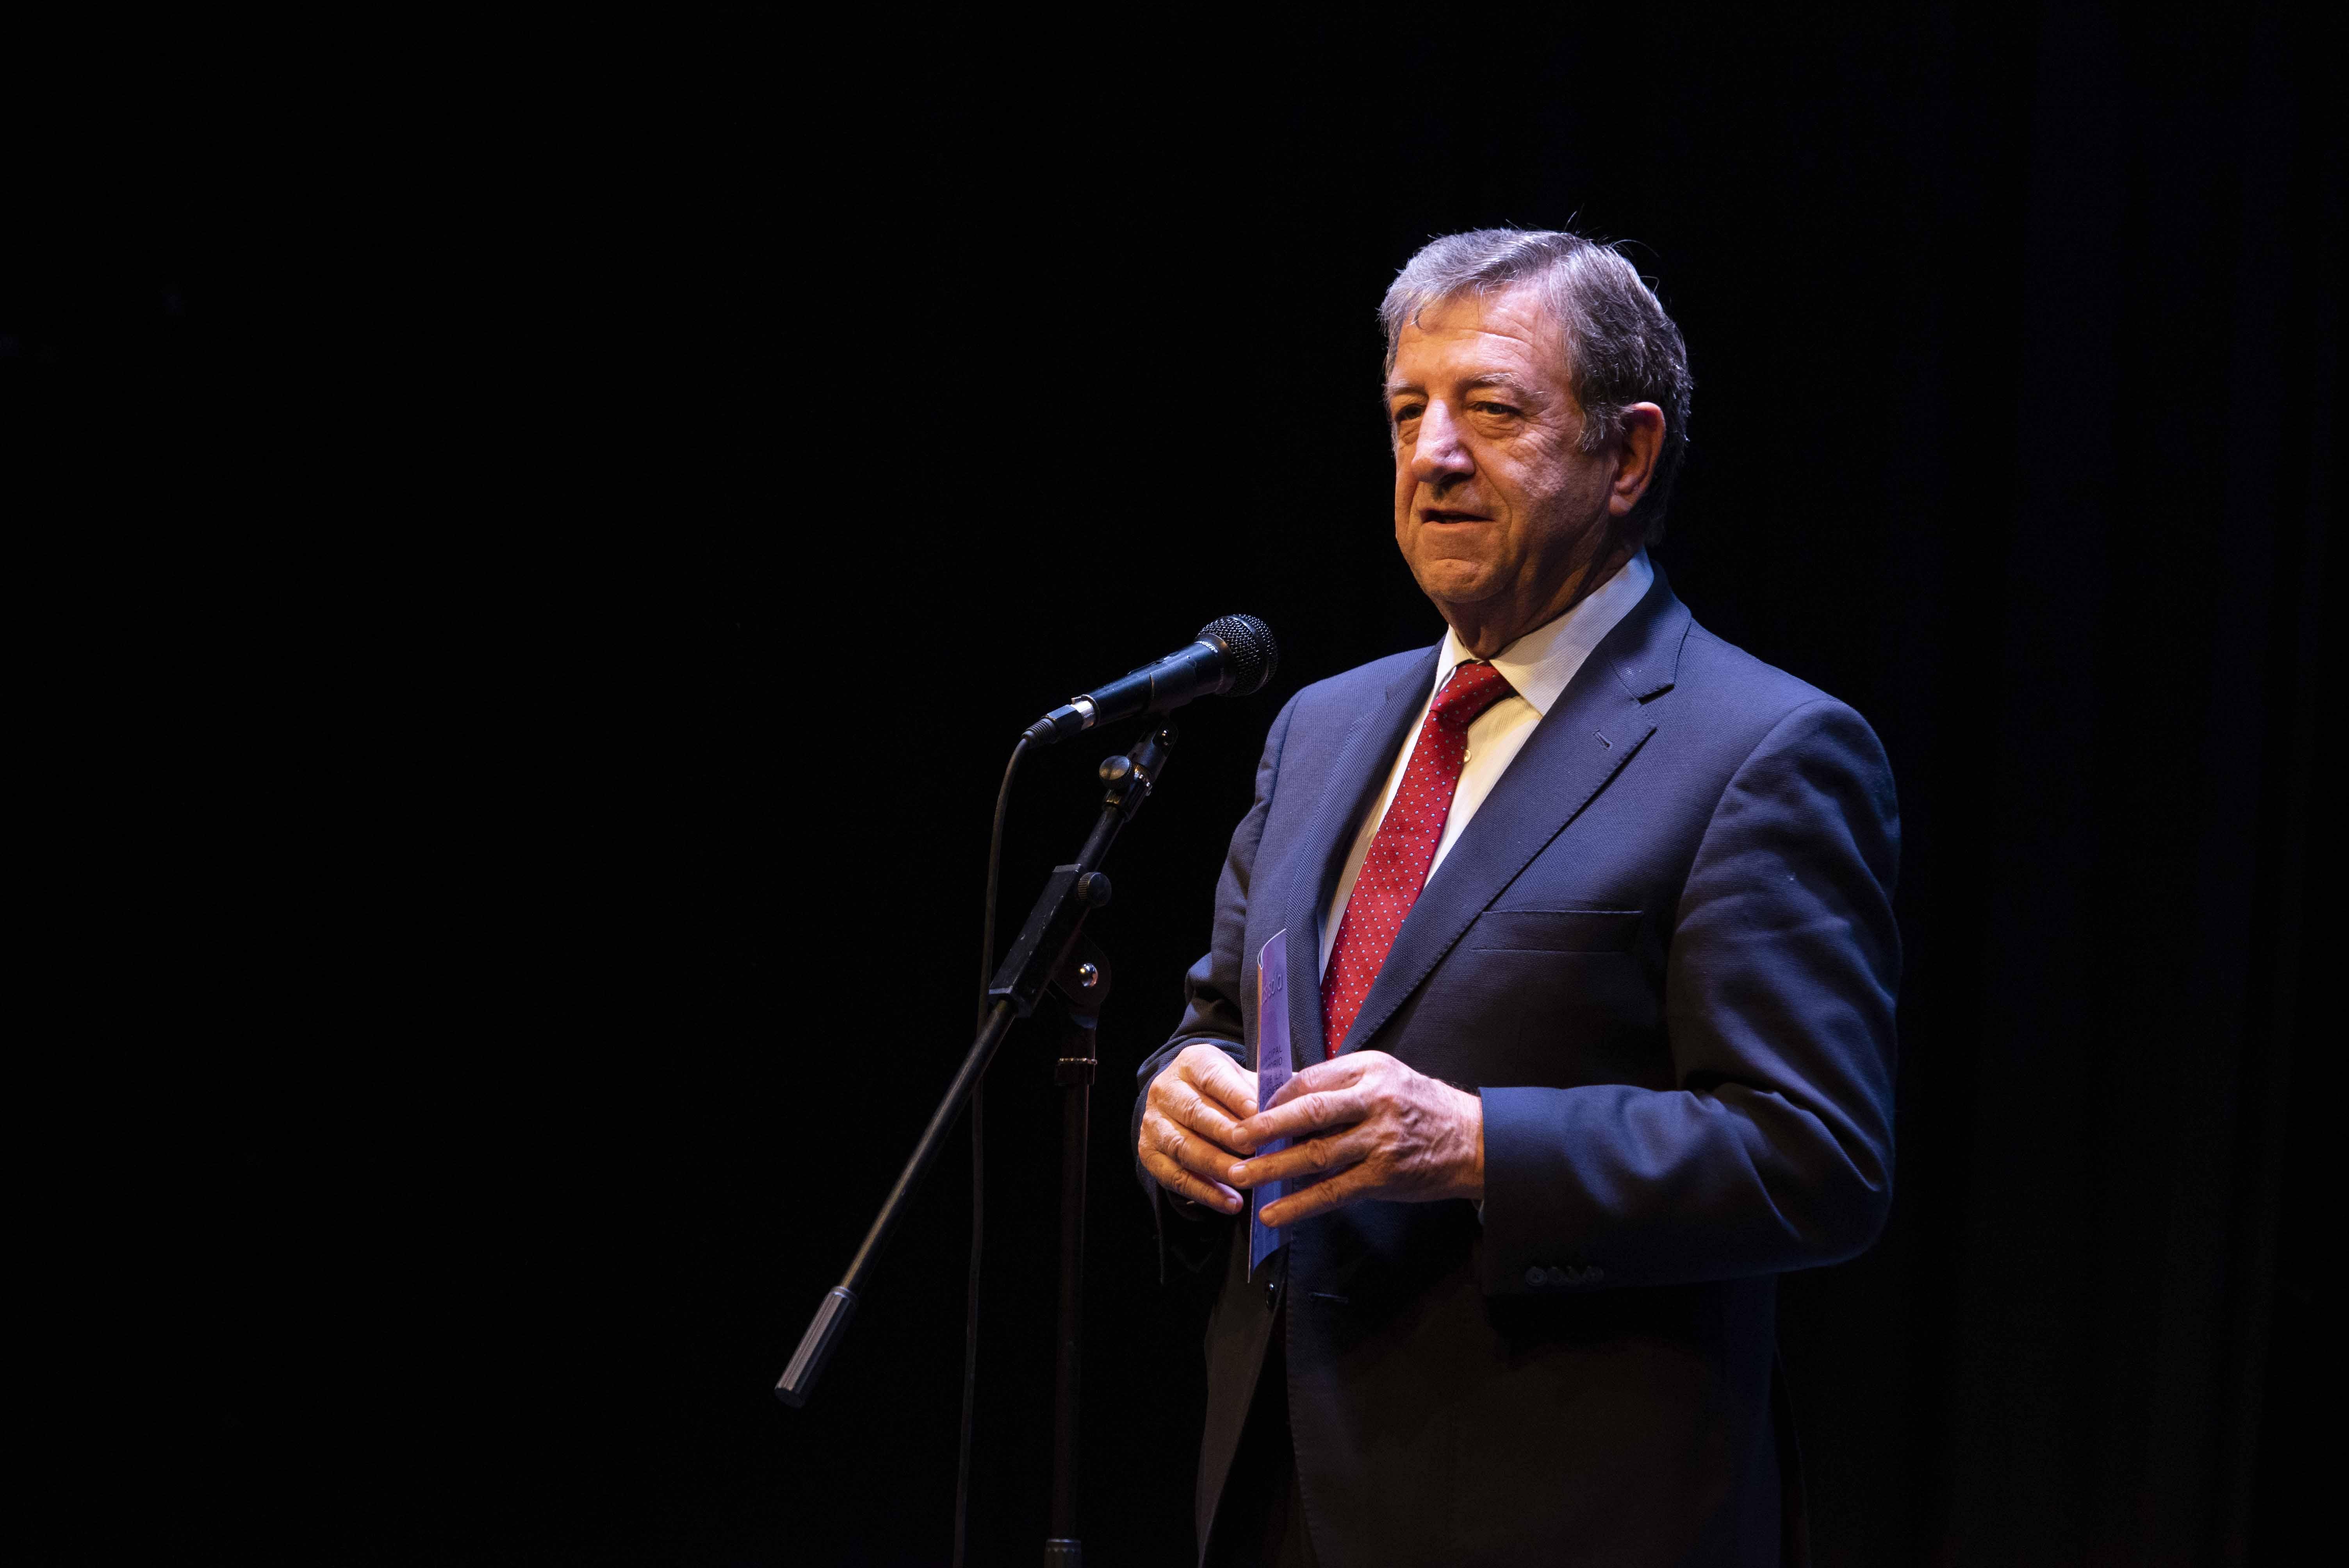 El alcalde, Luis Partida, durante su intervención.